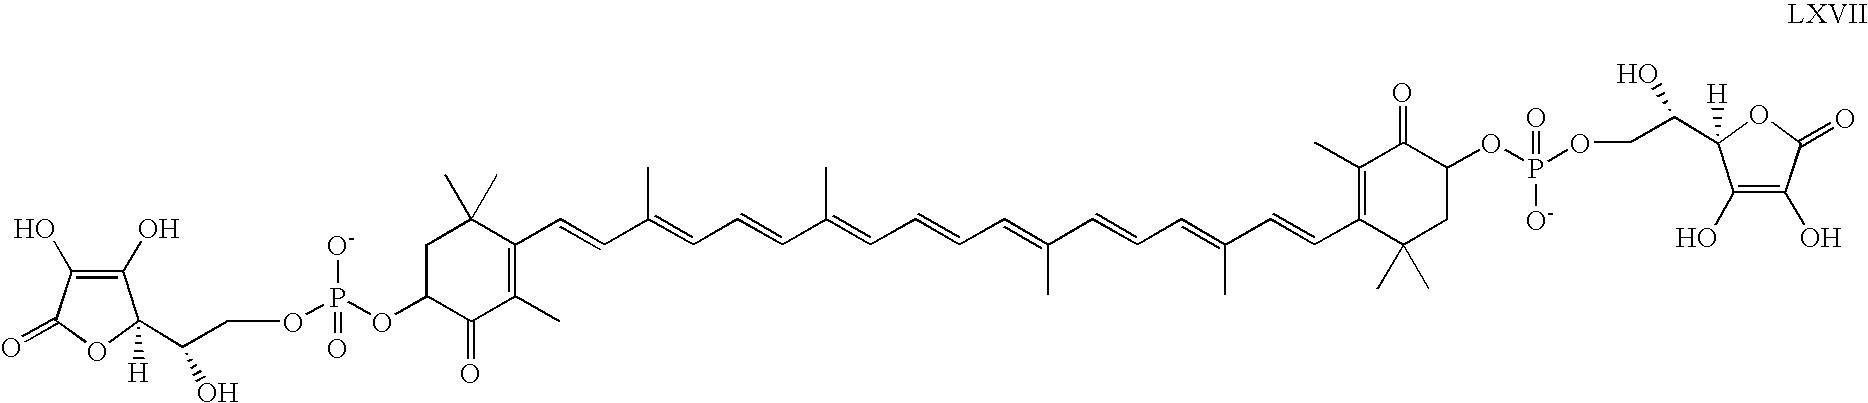 Figure US07320997-20080122-C00044